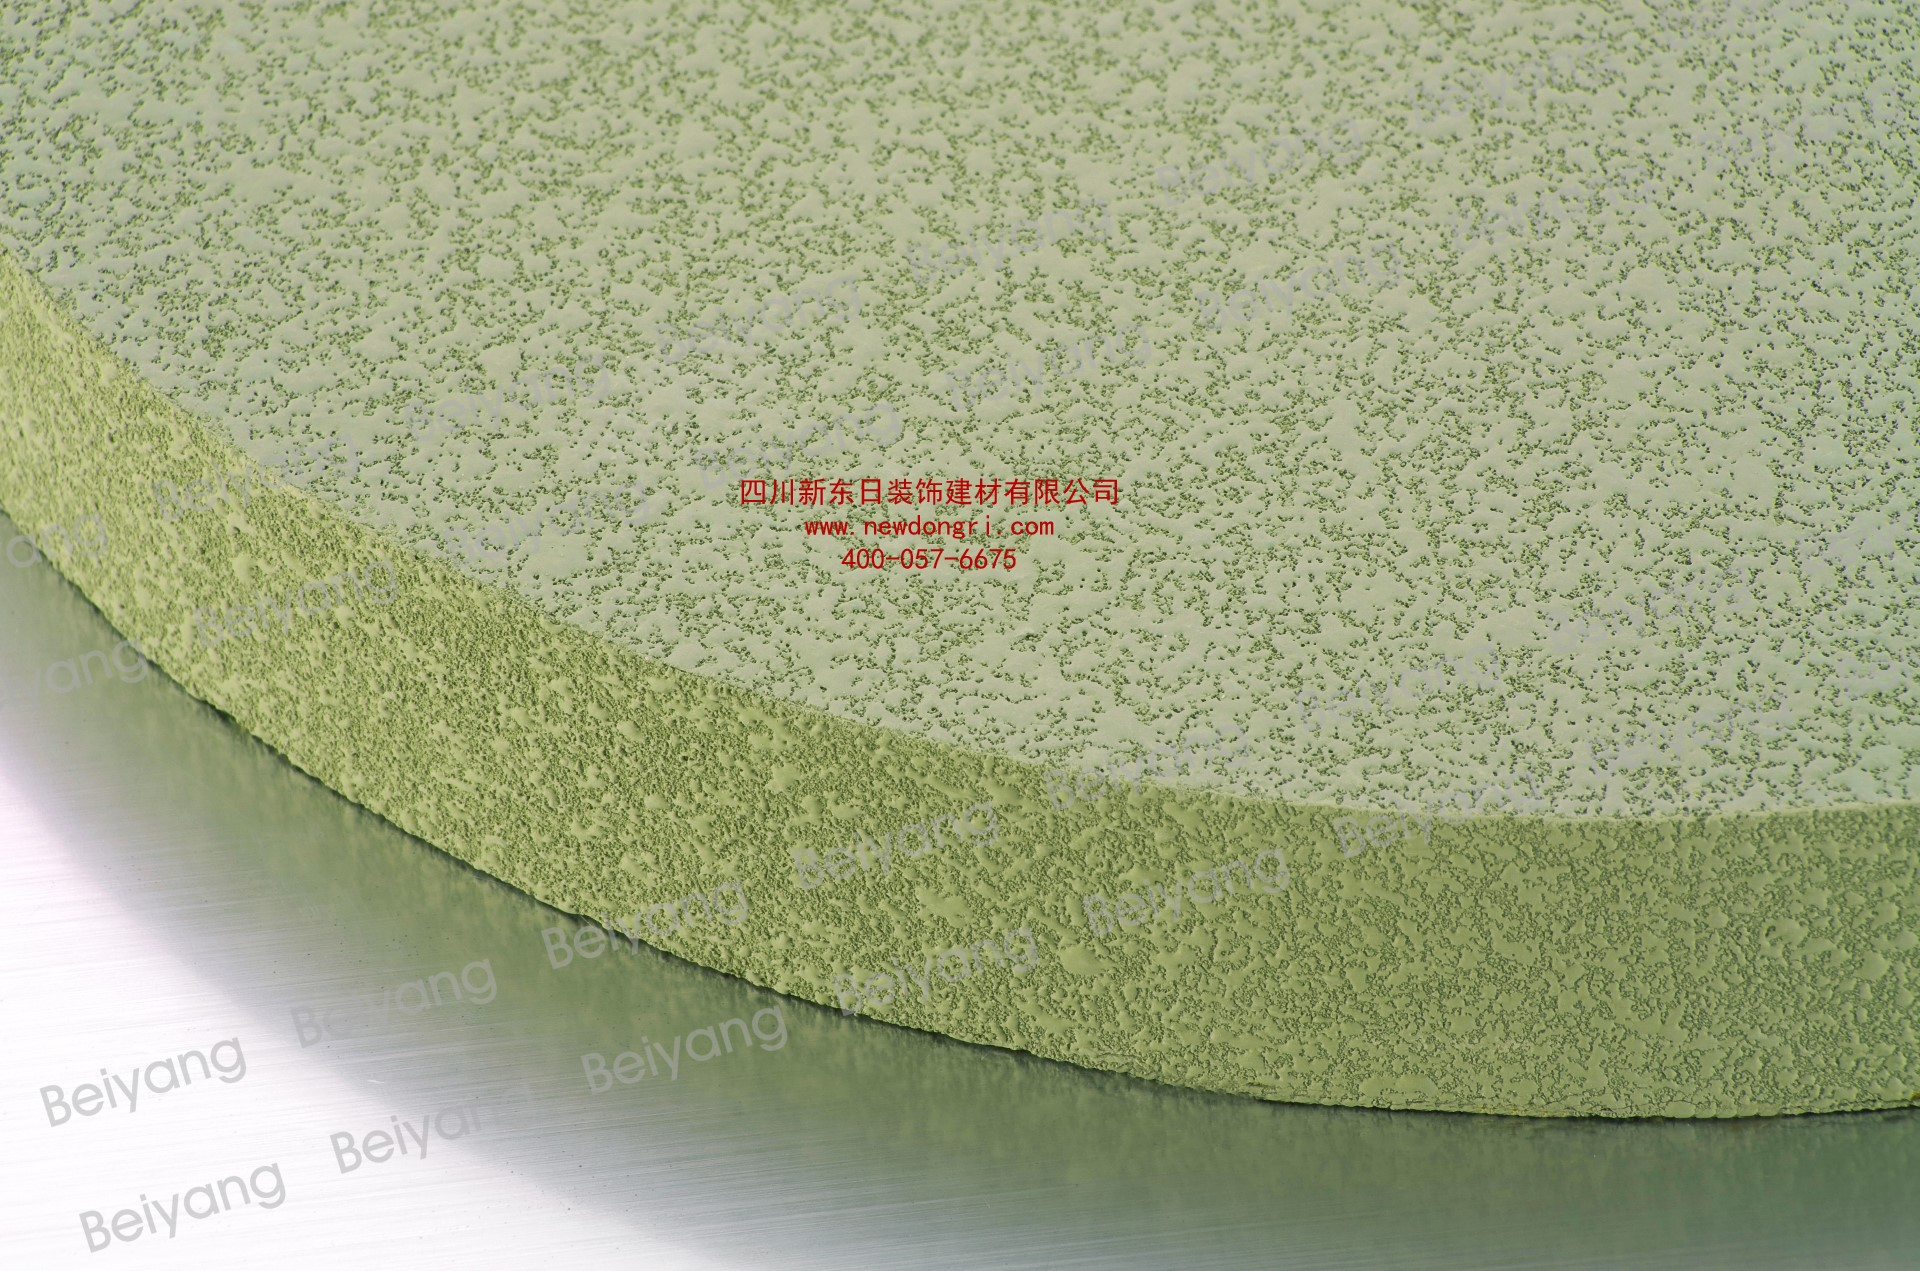 绿色-侧面400-057-6675